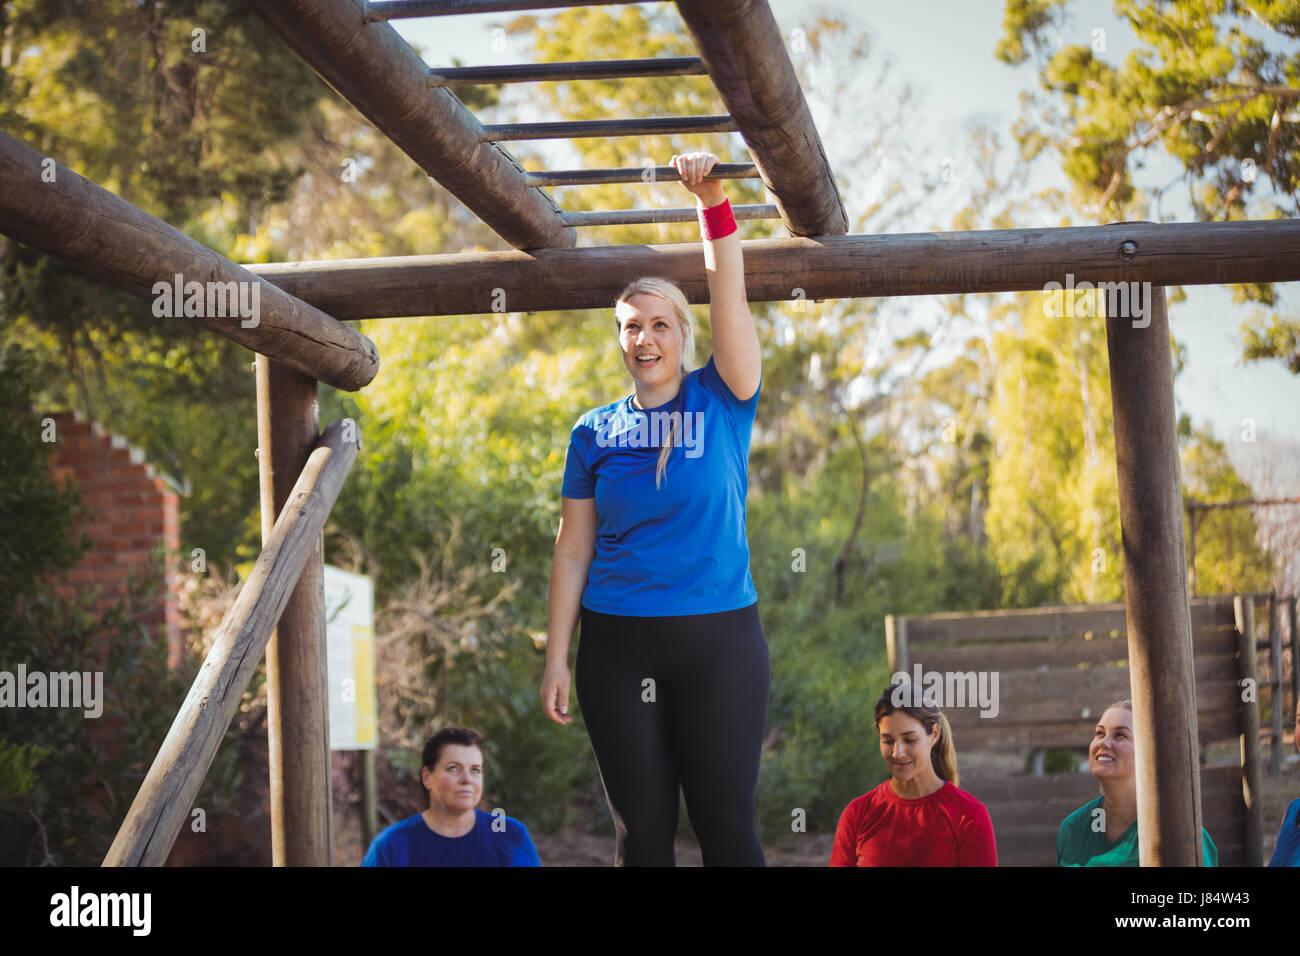 Klettergerüst Training : Zwei starke und wettbewerbsfähige männer training auf